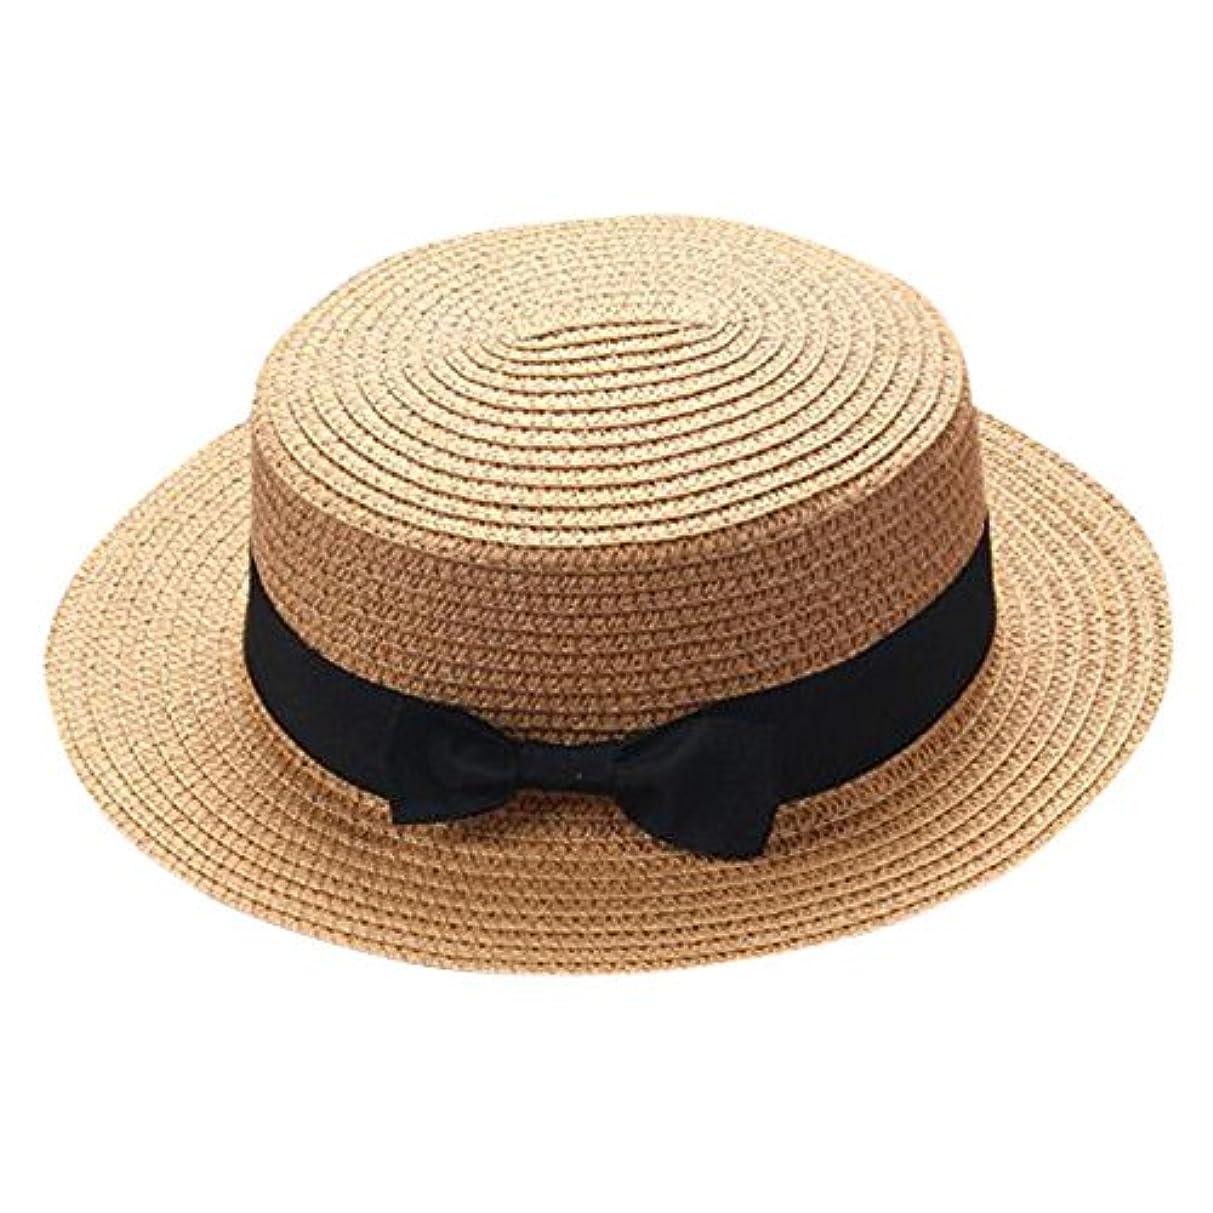 ピストン議論するテザーキャップ キッズ 日よけ 帽子 小顔効果抜群 旅行用 日よけ 夏 ビーチ 海辺 かわいい リゾート 紫外線対策 男女兼用 日焼け防止 熱中症予防 取り外すあご紐 つば広 おしゃれ 可愛い 夏 ROSE ROMAN